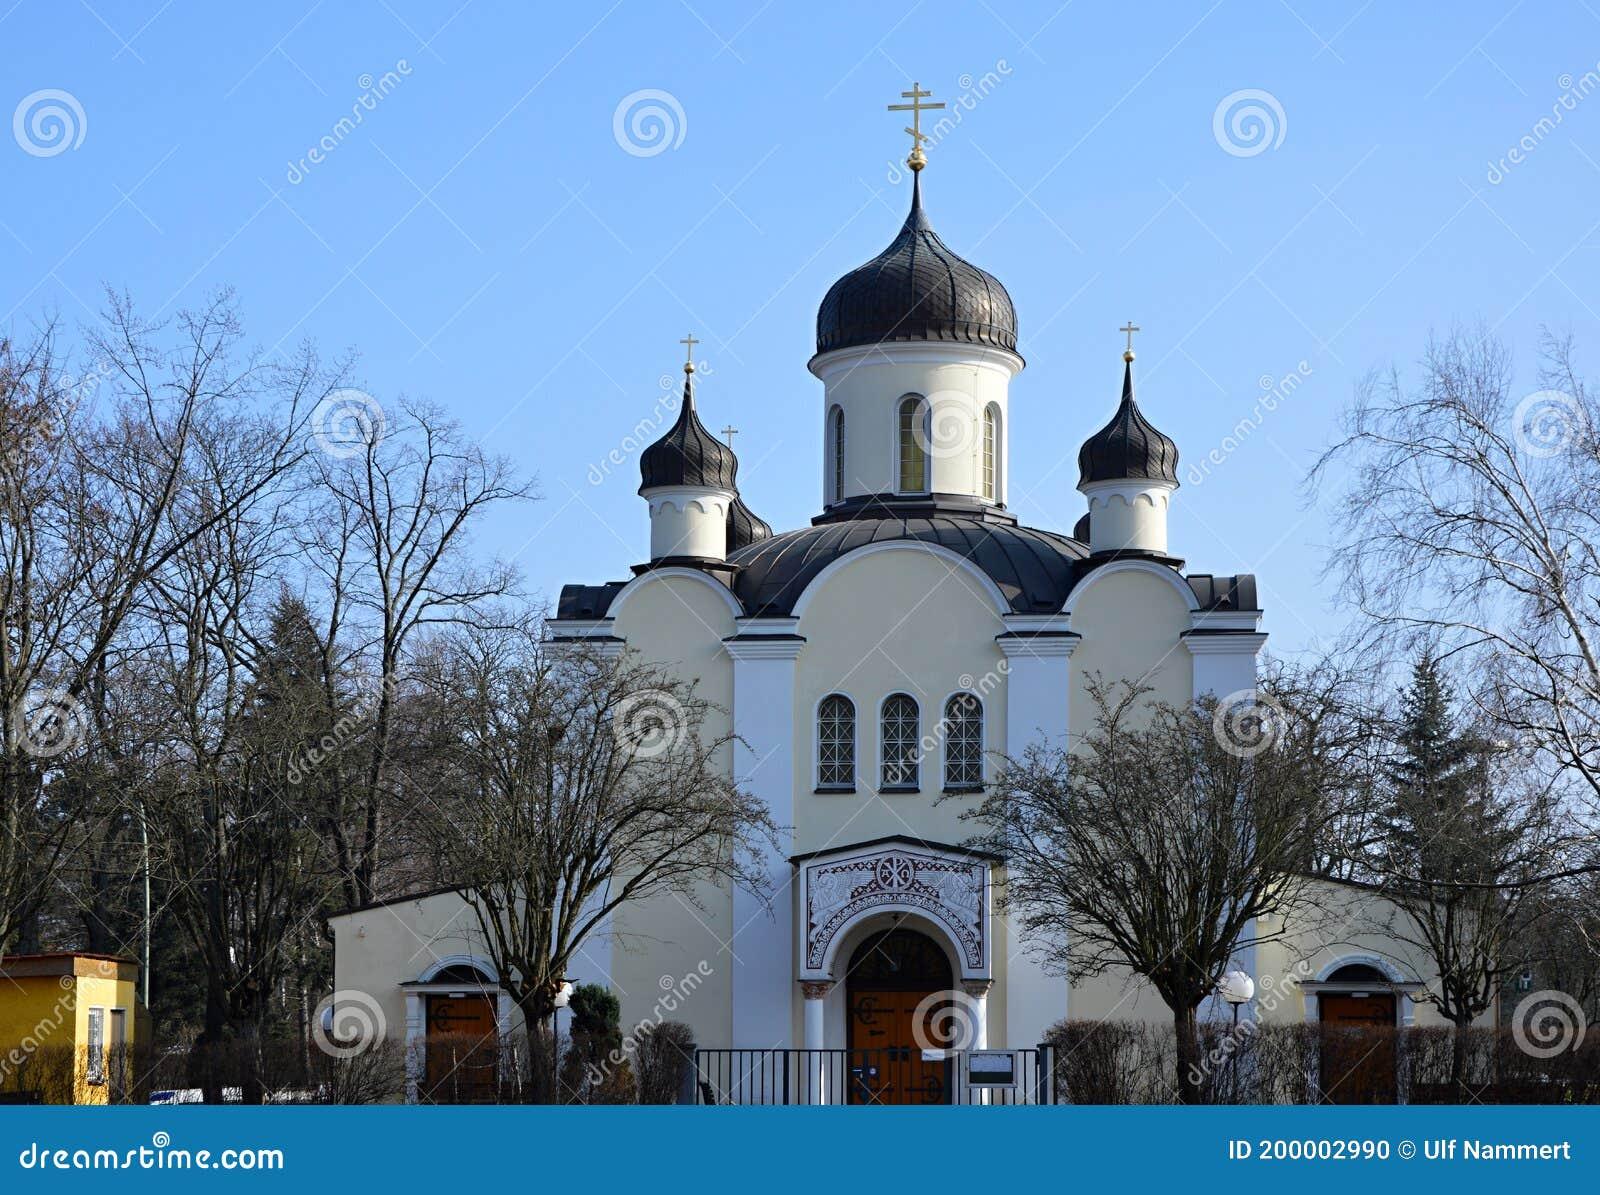 Wilmersdorf Orthodoxe Kirche In Berlin Stockfoto - Bild